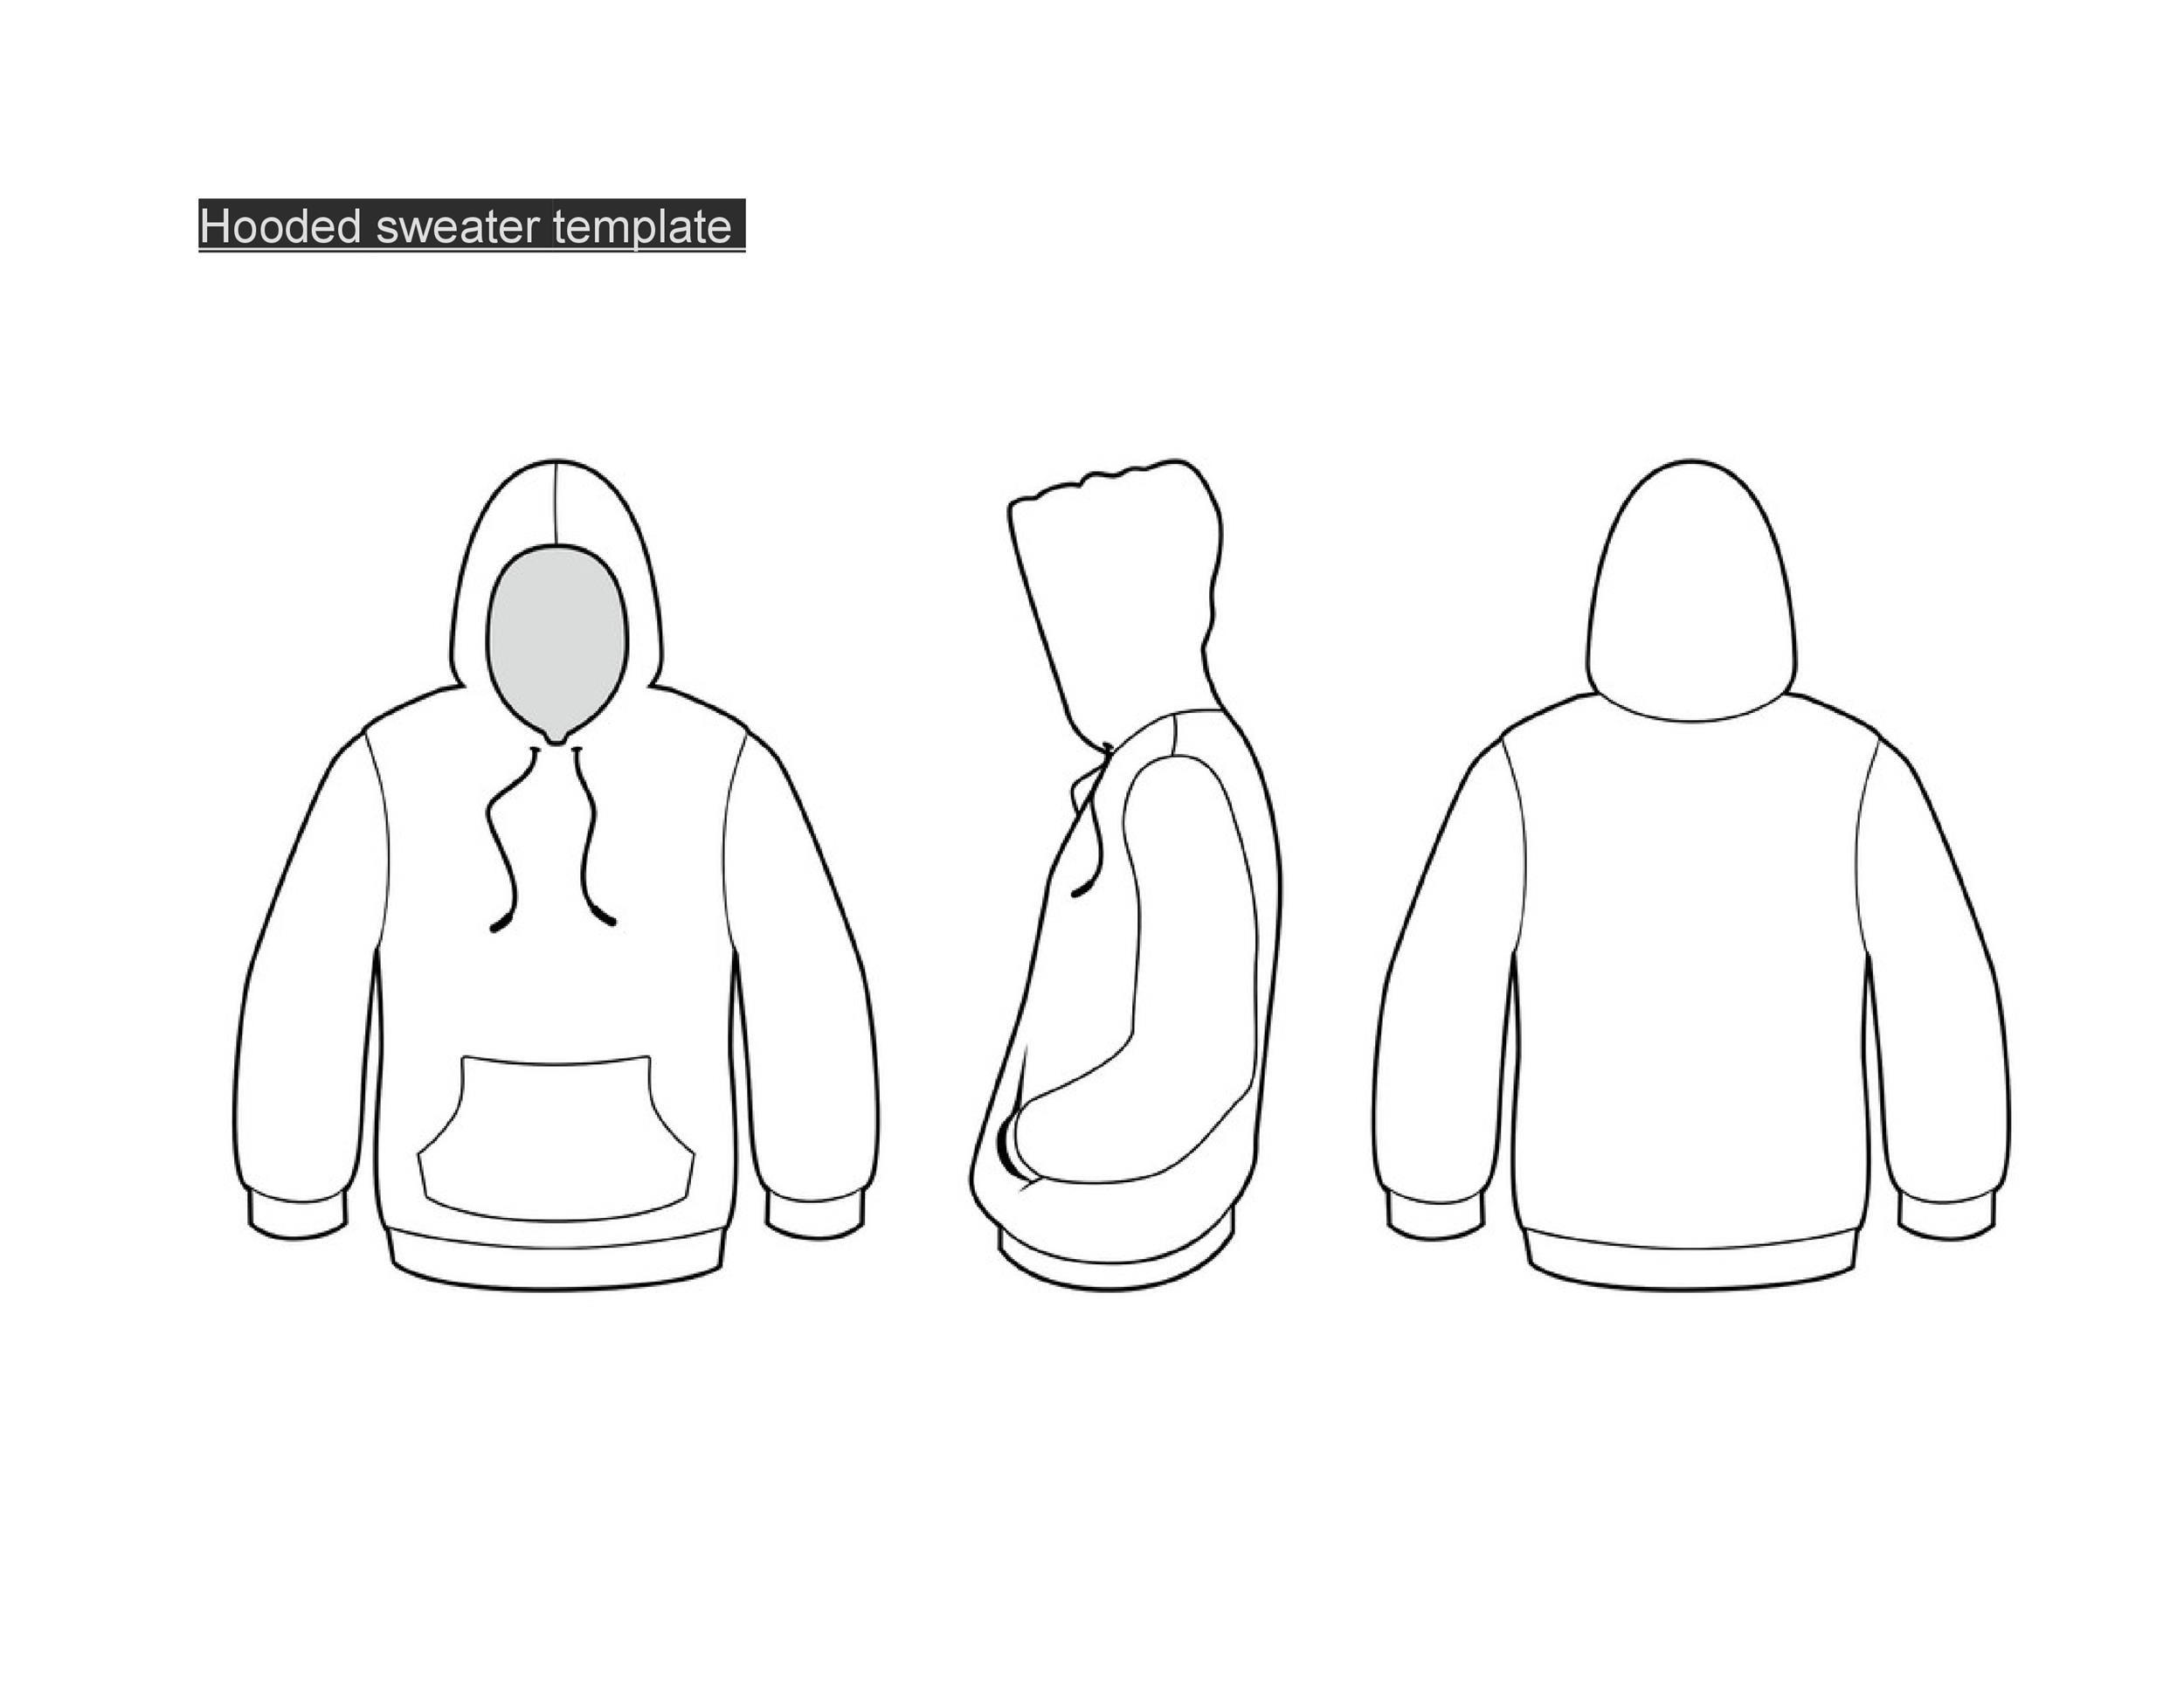 Free hoodie template 30